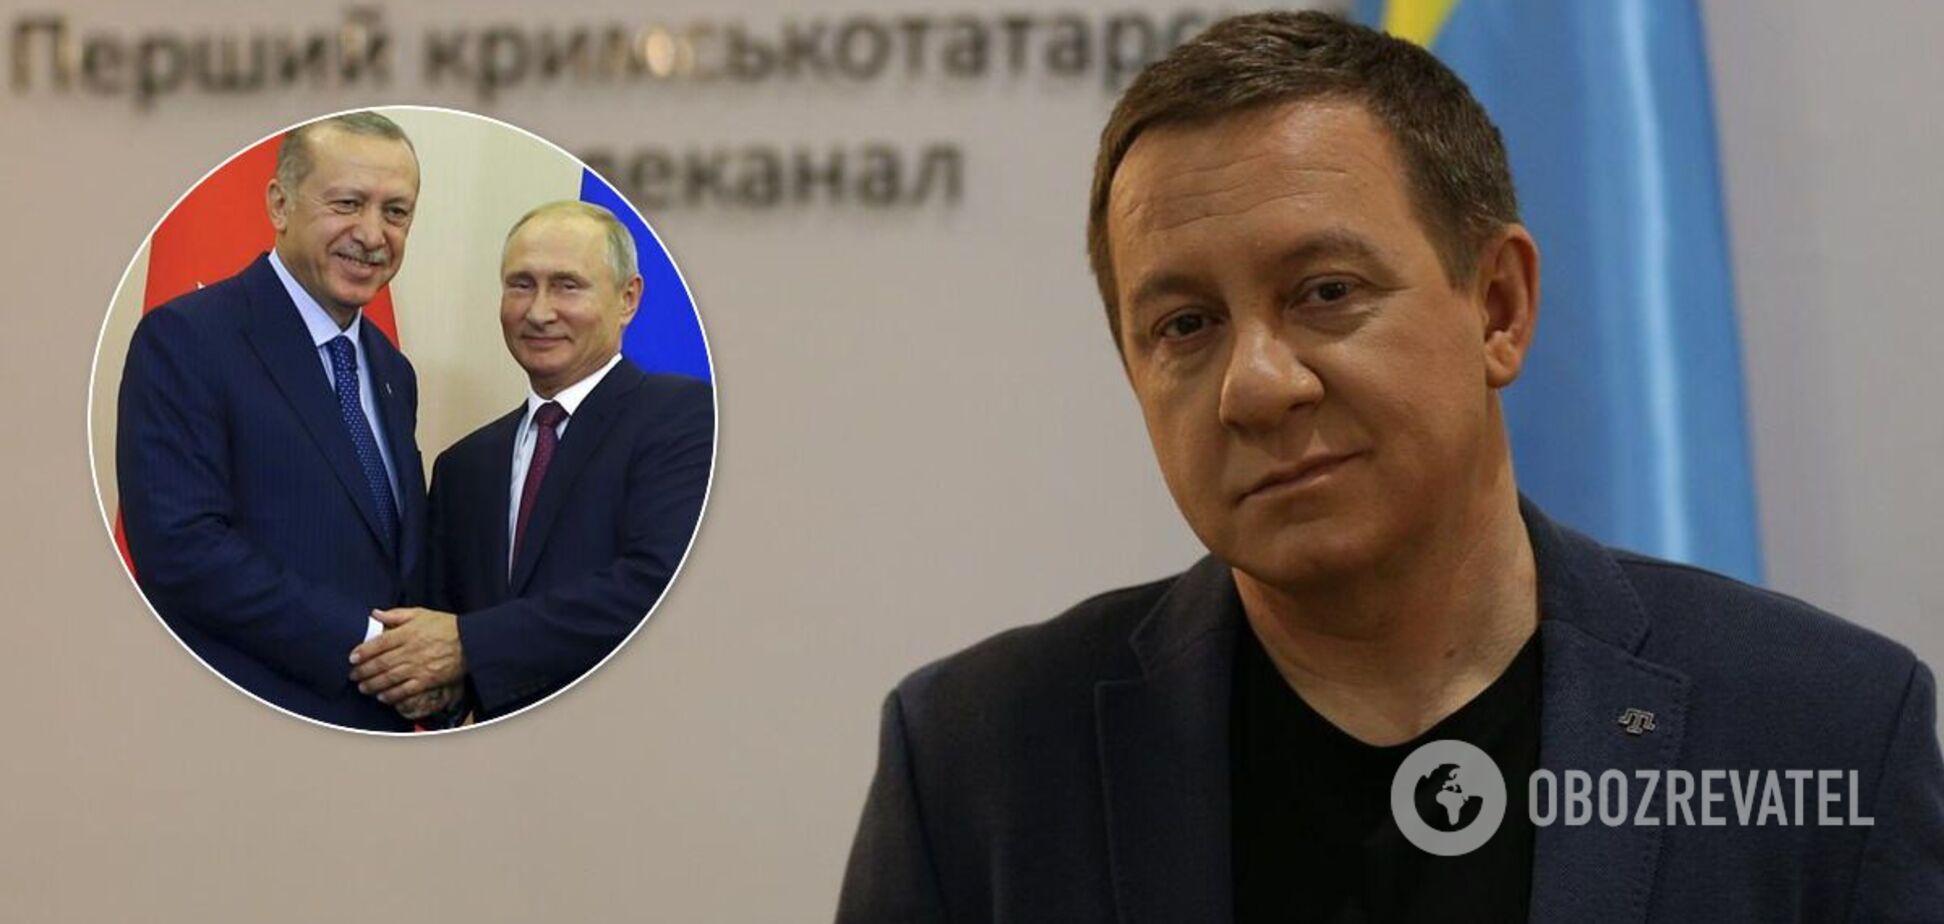 Муждабаєв розповів, як Путін задумав змусити Туреччину визнати Крим російським